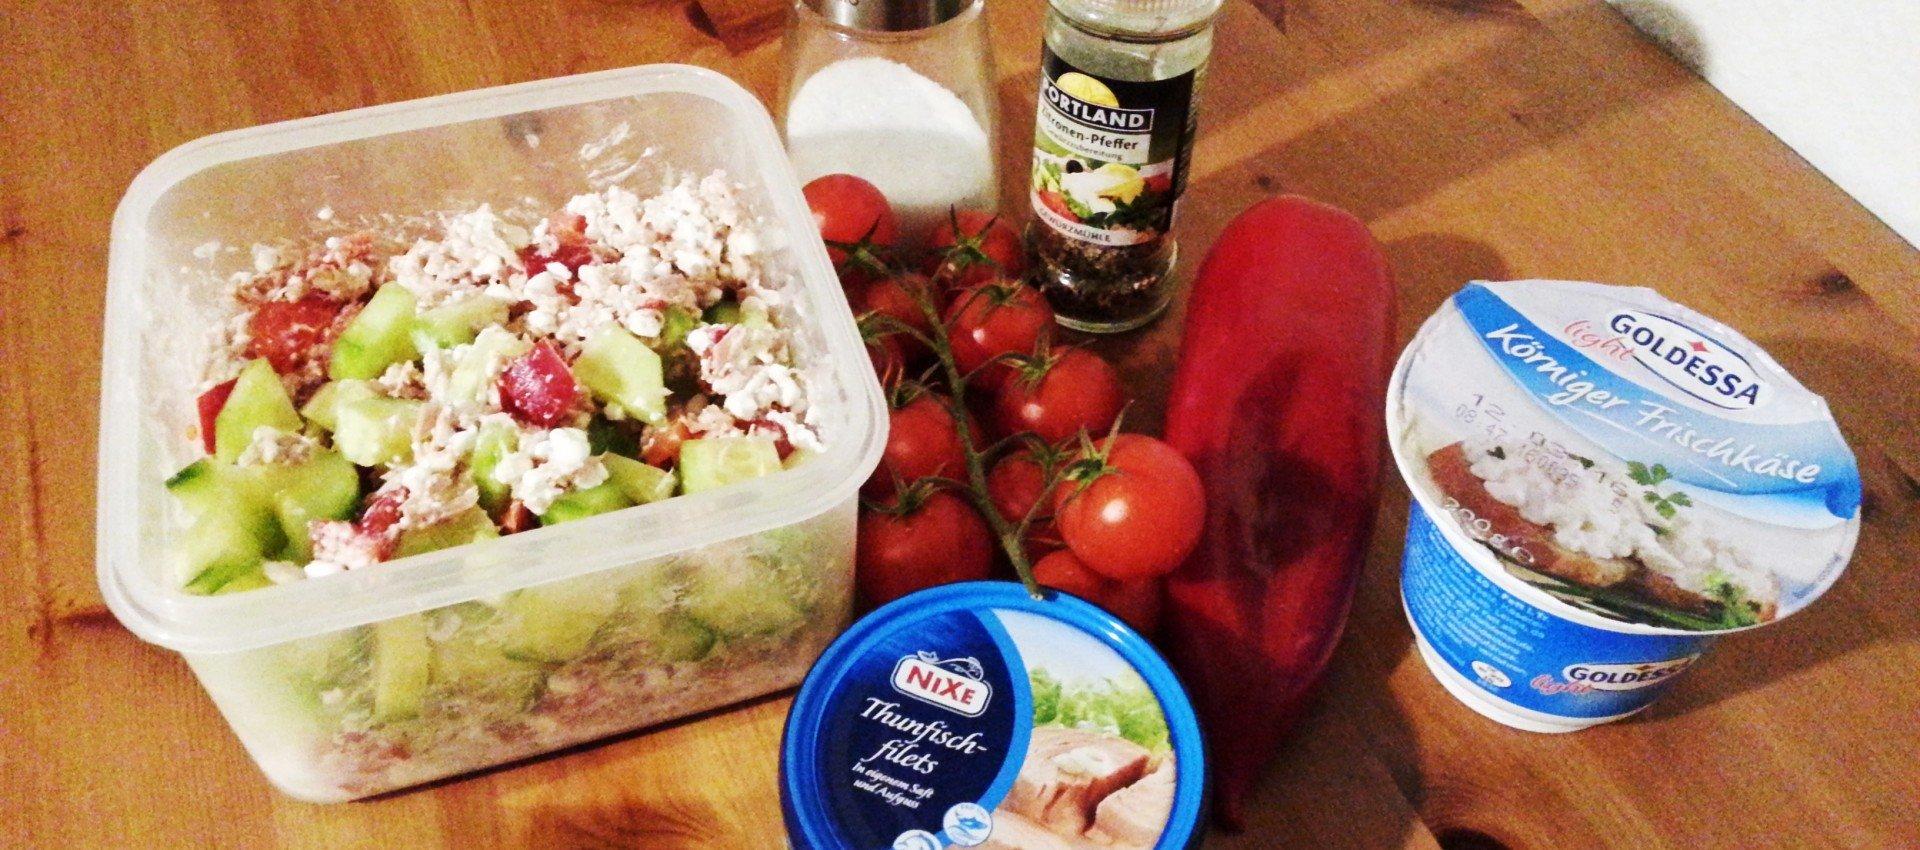 Frischkäse Thunfisch Salat